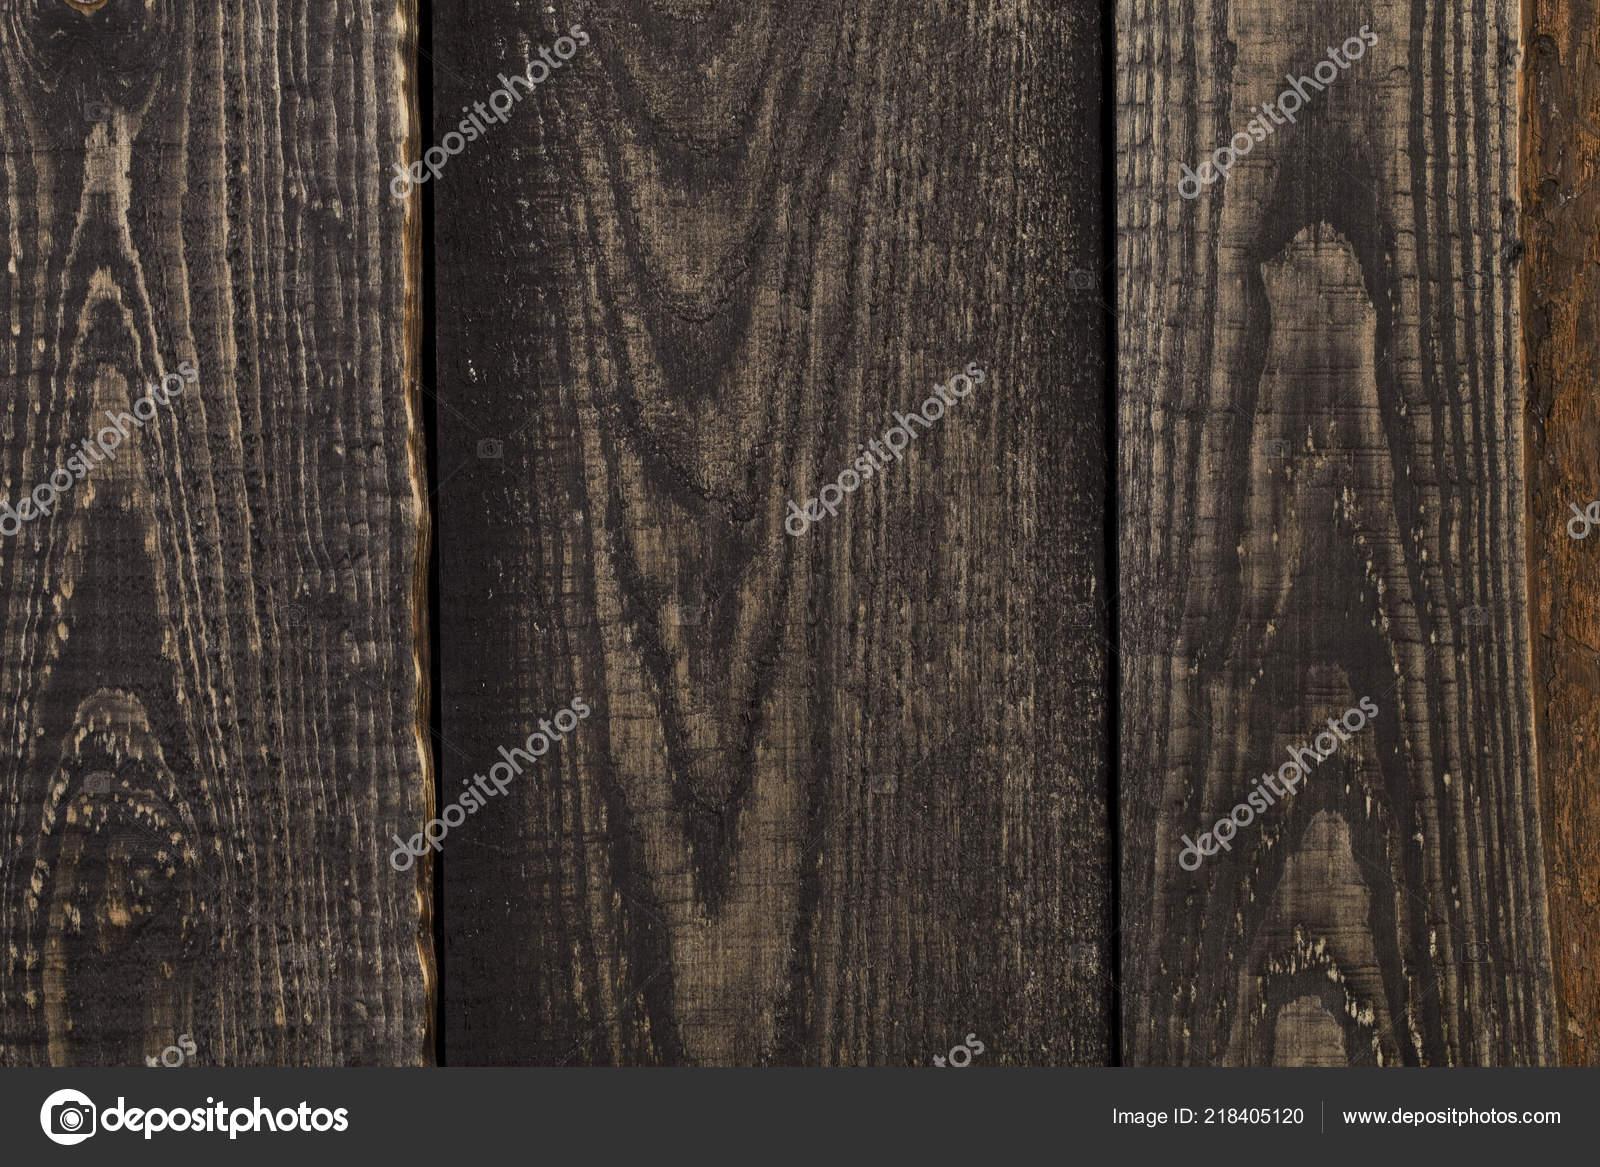 Vieille Texture Bois Brun Vieux Grunge Fond Bois Texture Fonce Photographie Lukas Zb C 218405120